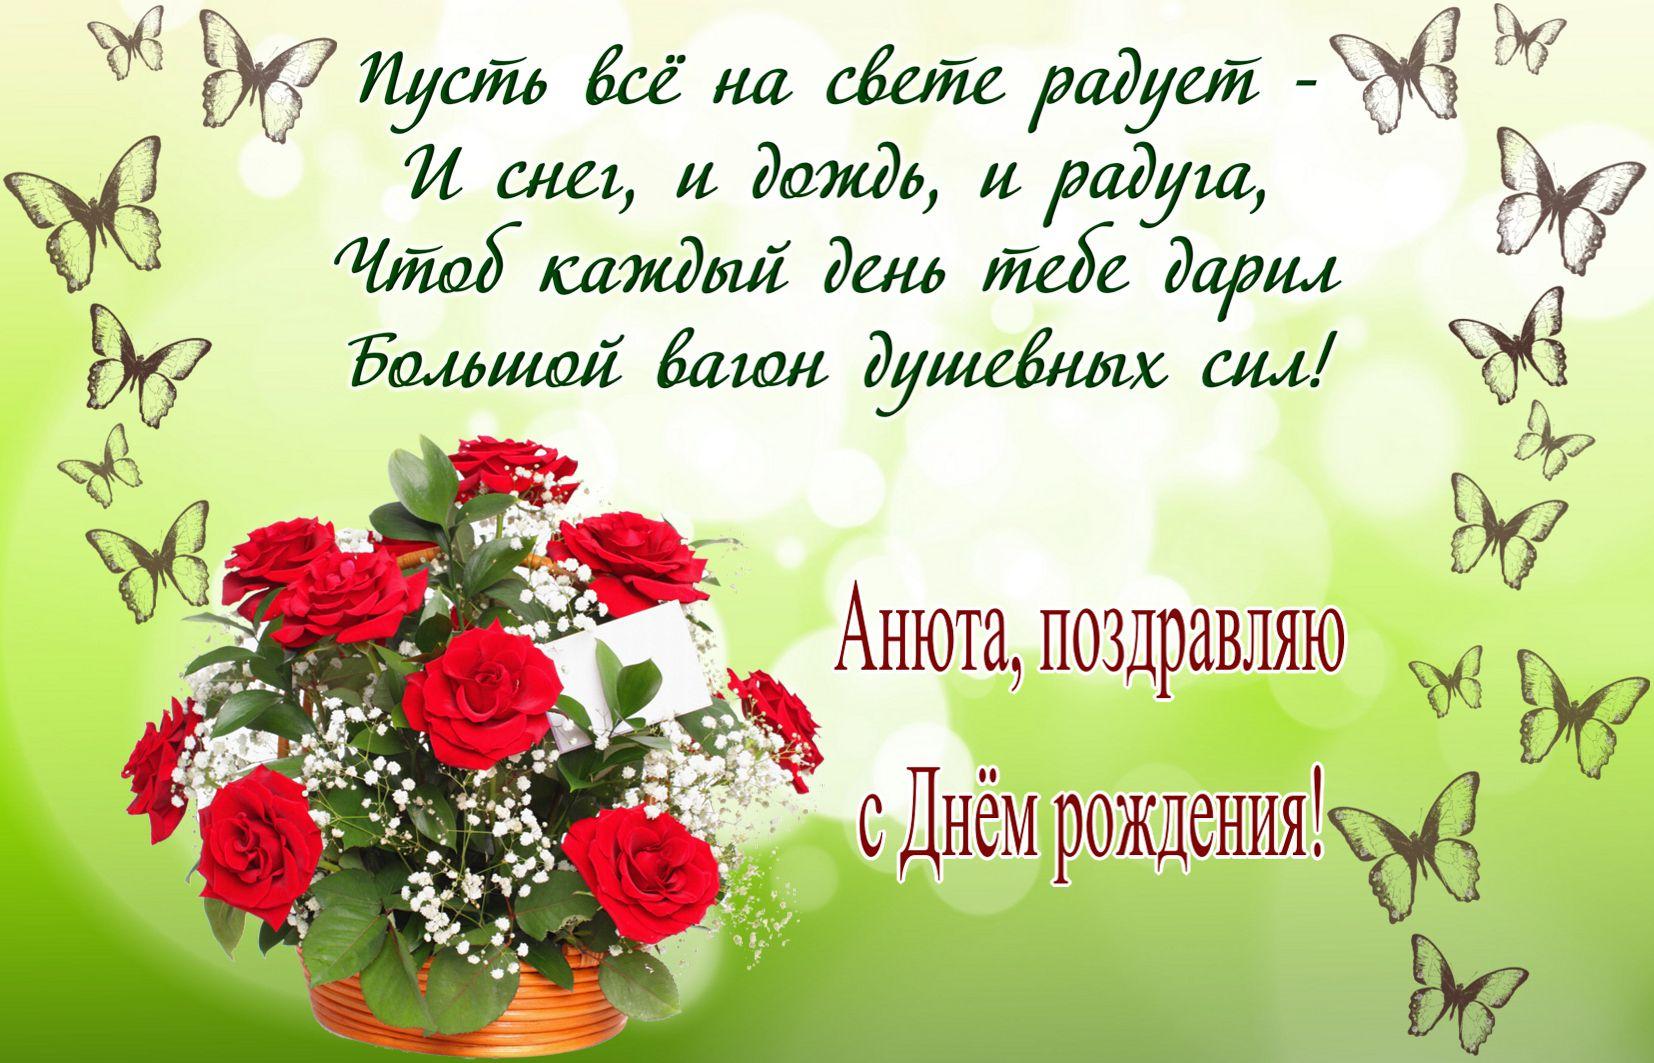 Букет цветов и пожелание для Ани